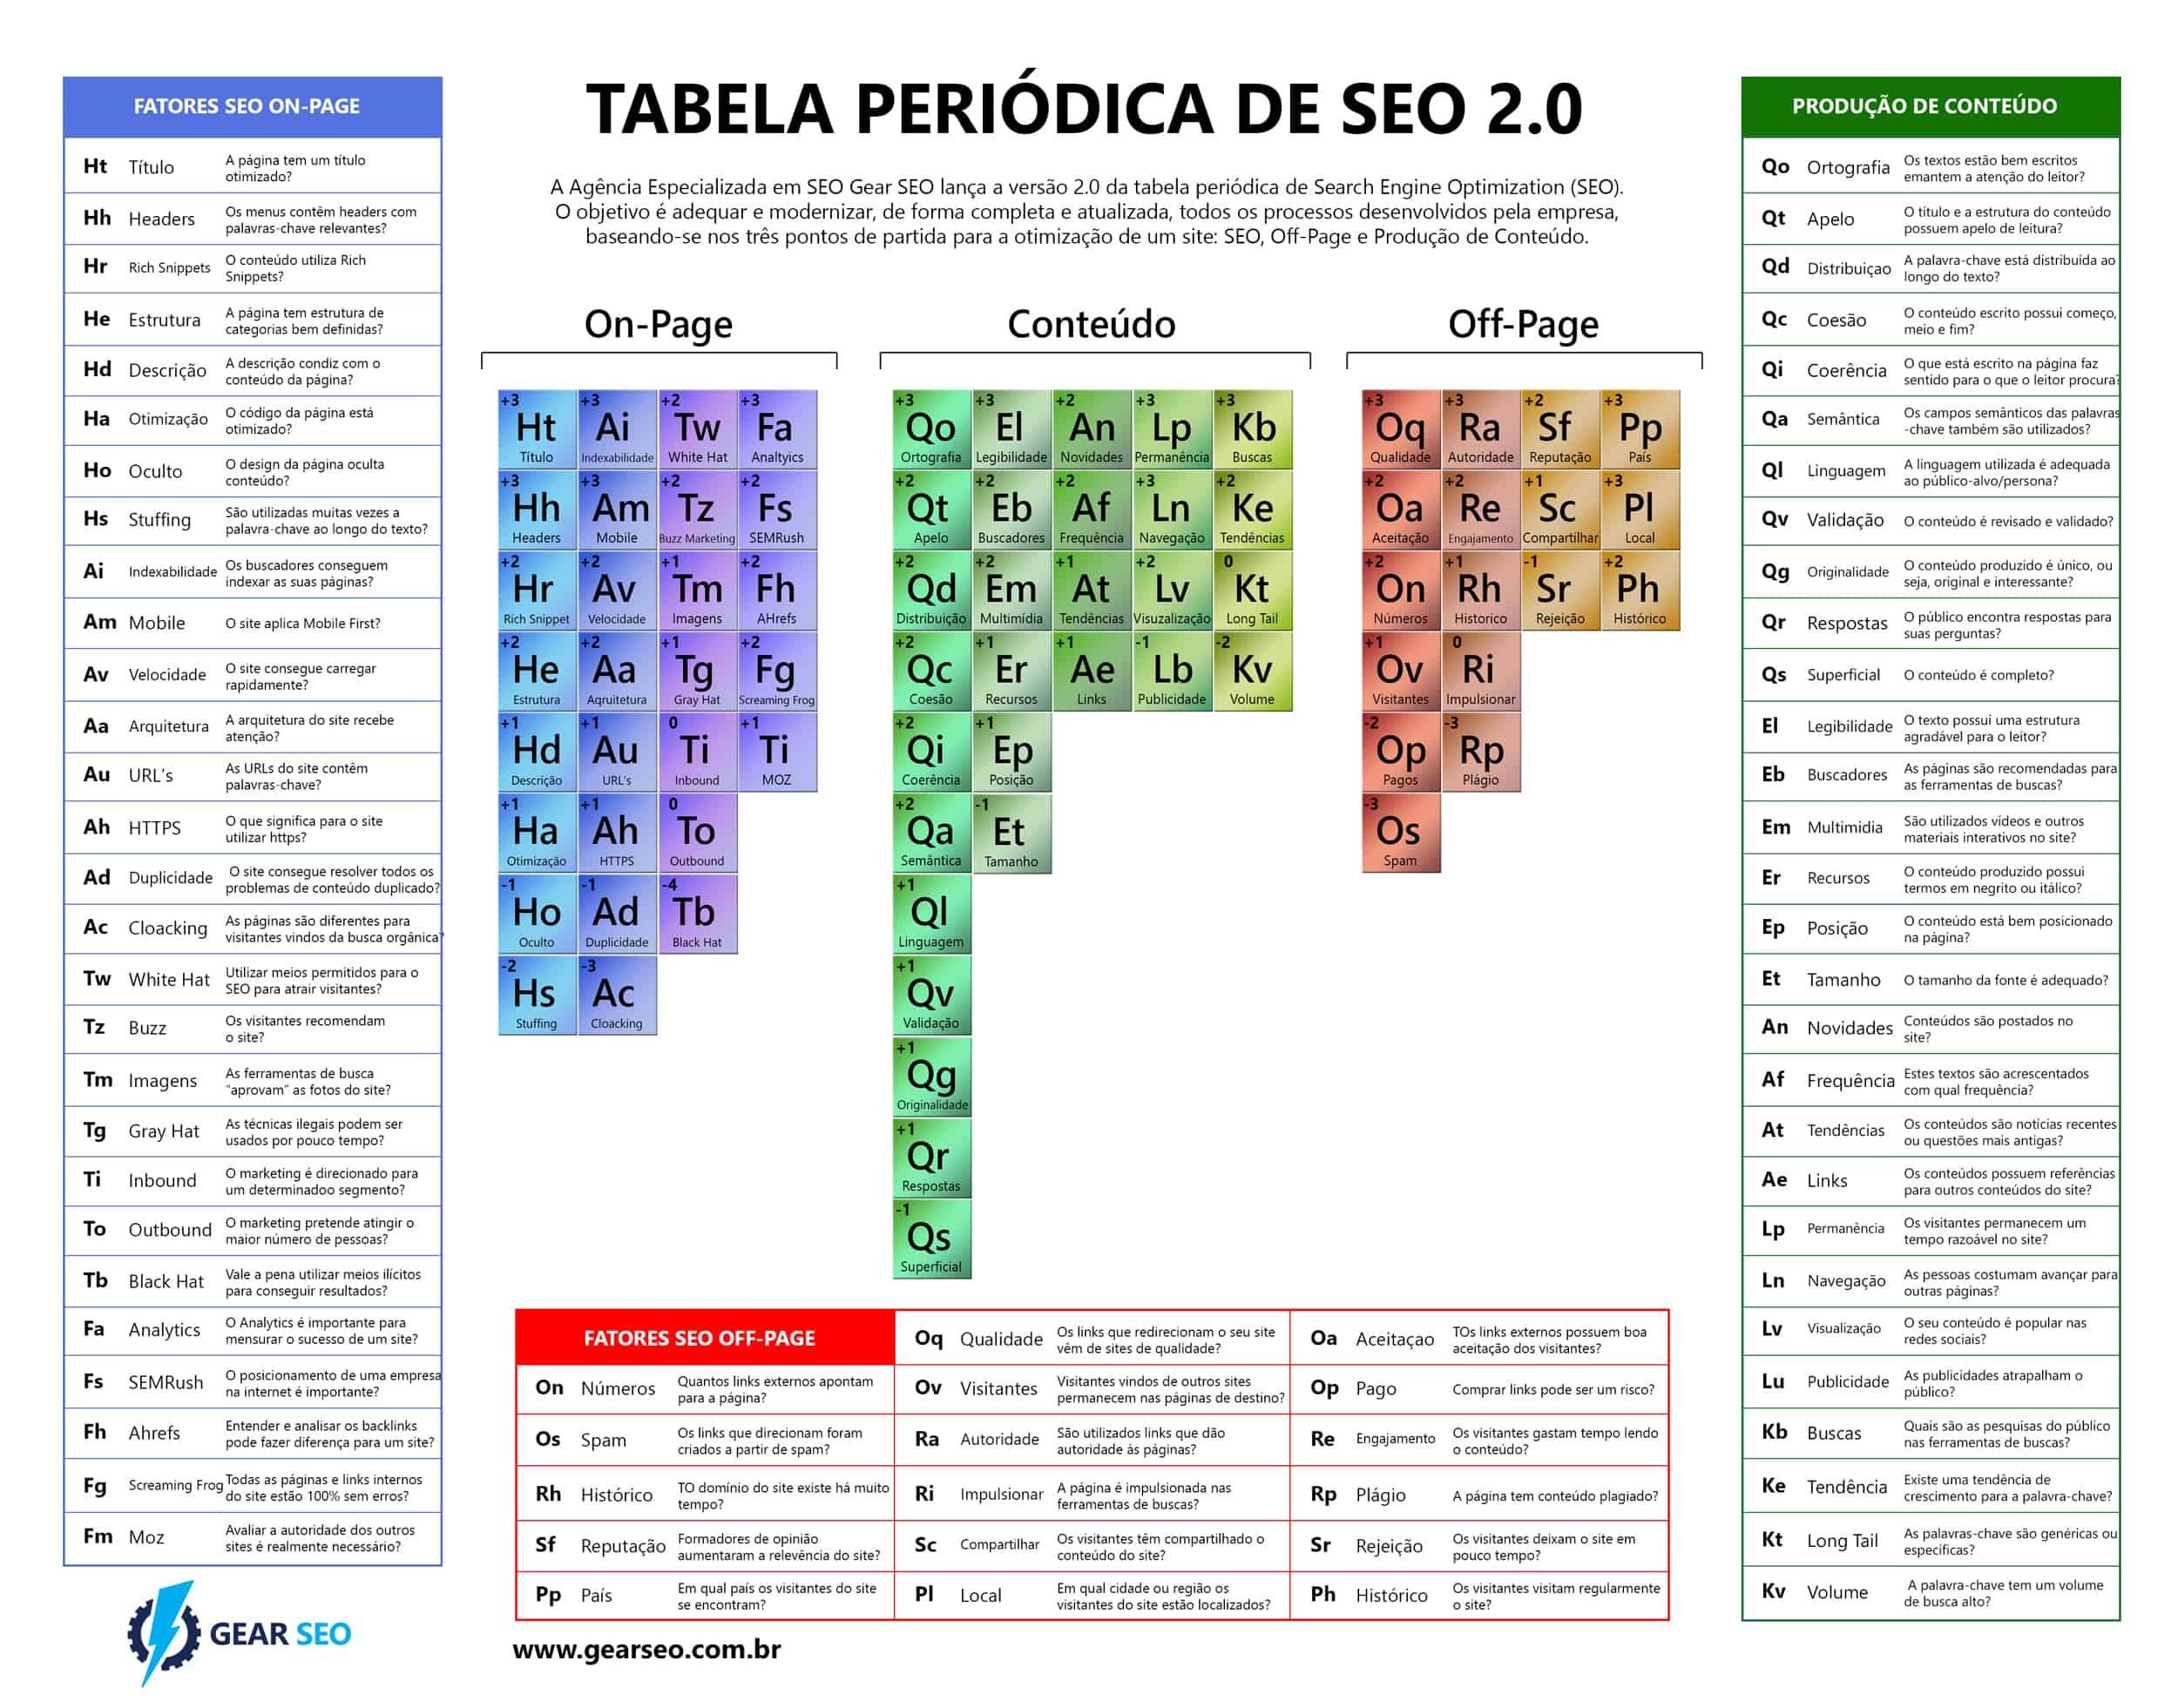 Tabela periódica de SEO